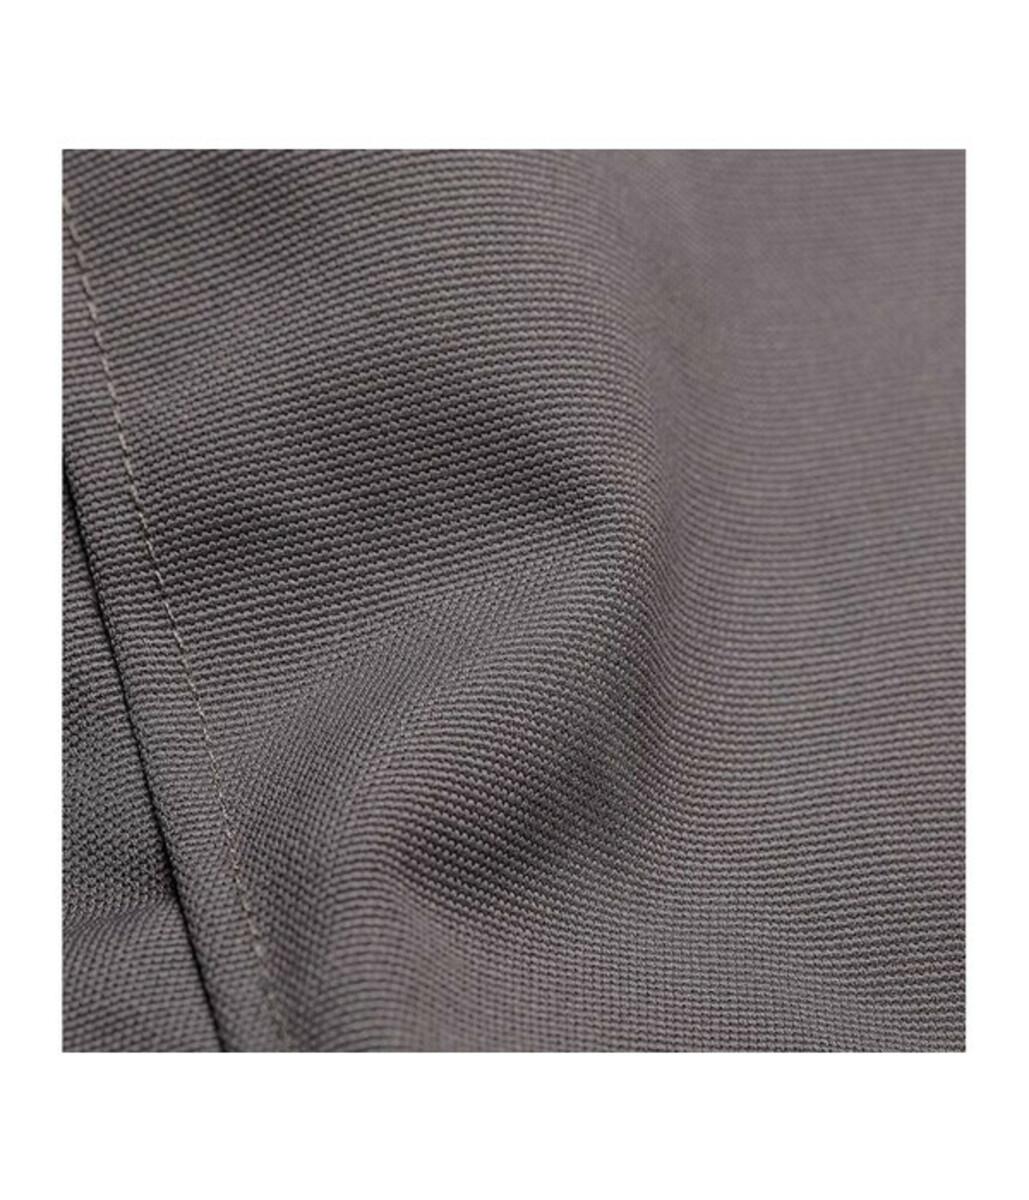 Bild 3 von Outbag Hochlehnerpolster High Rise Plus, 105x50x8 cm